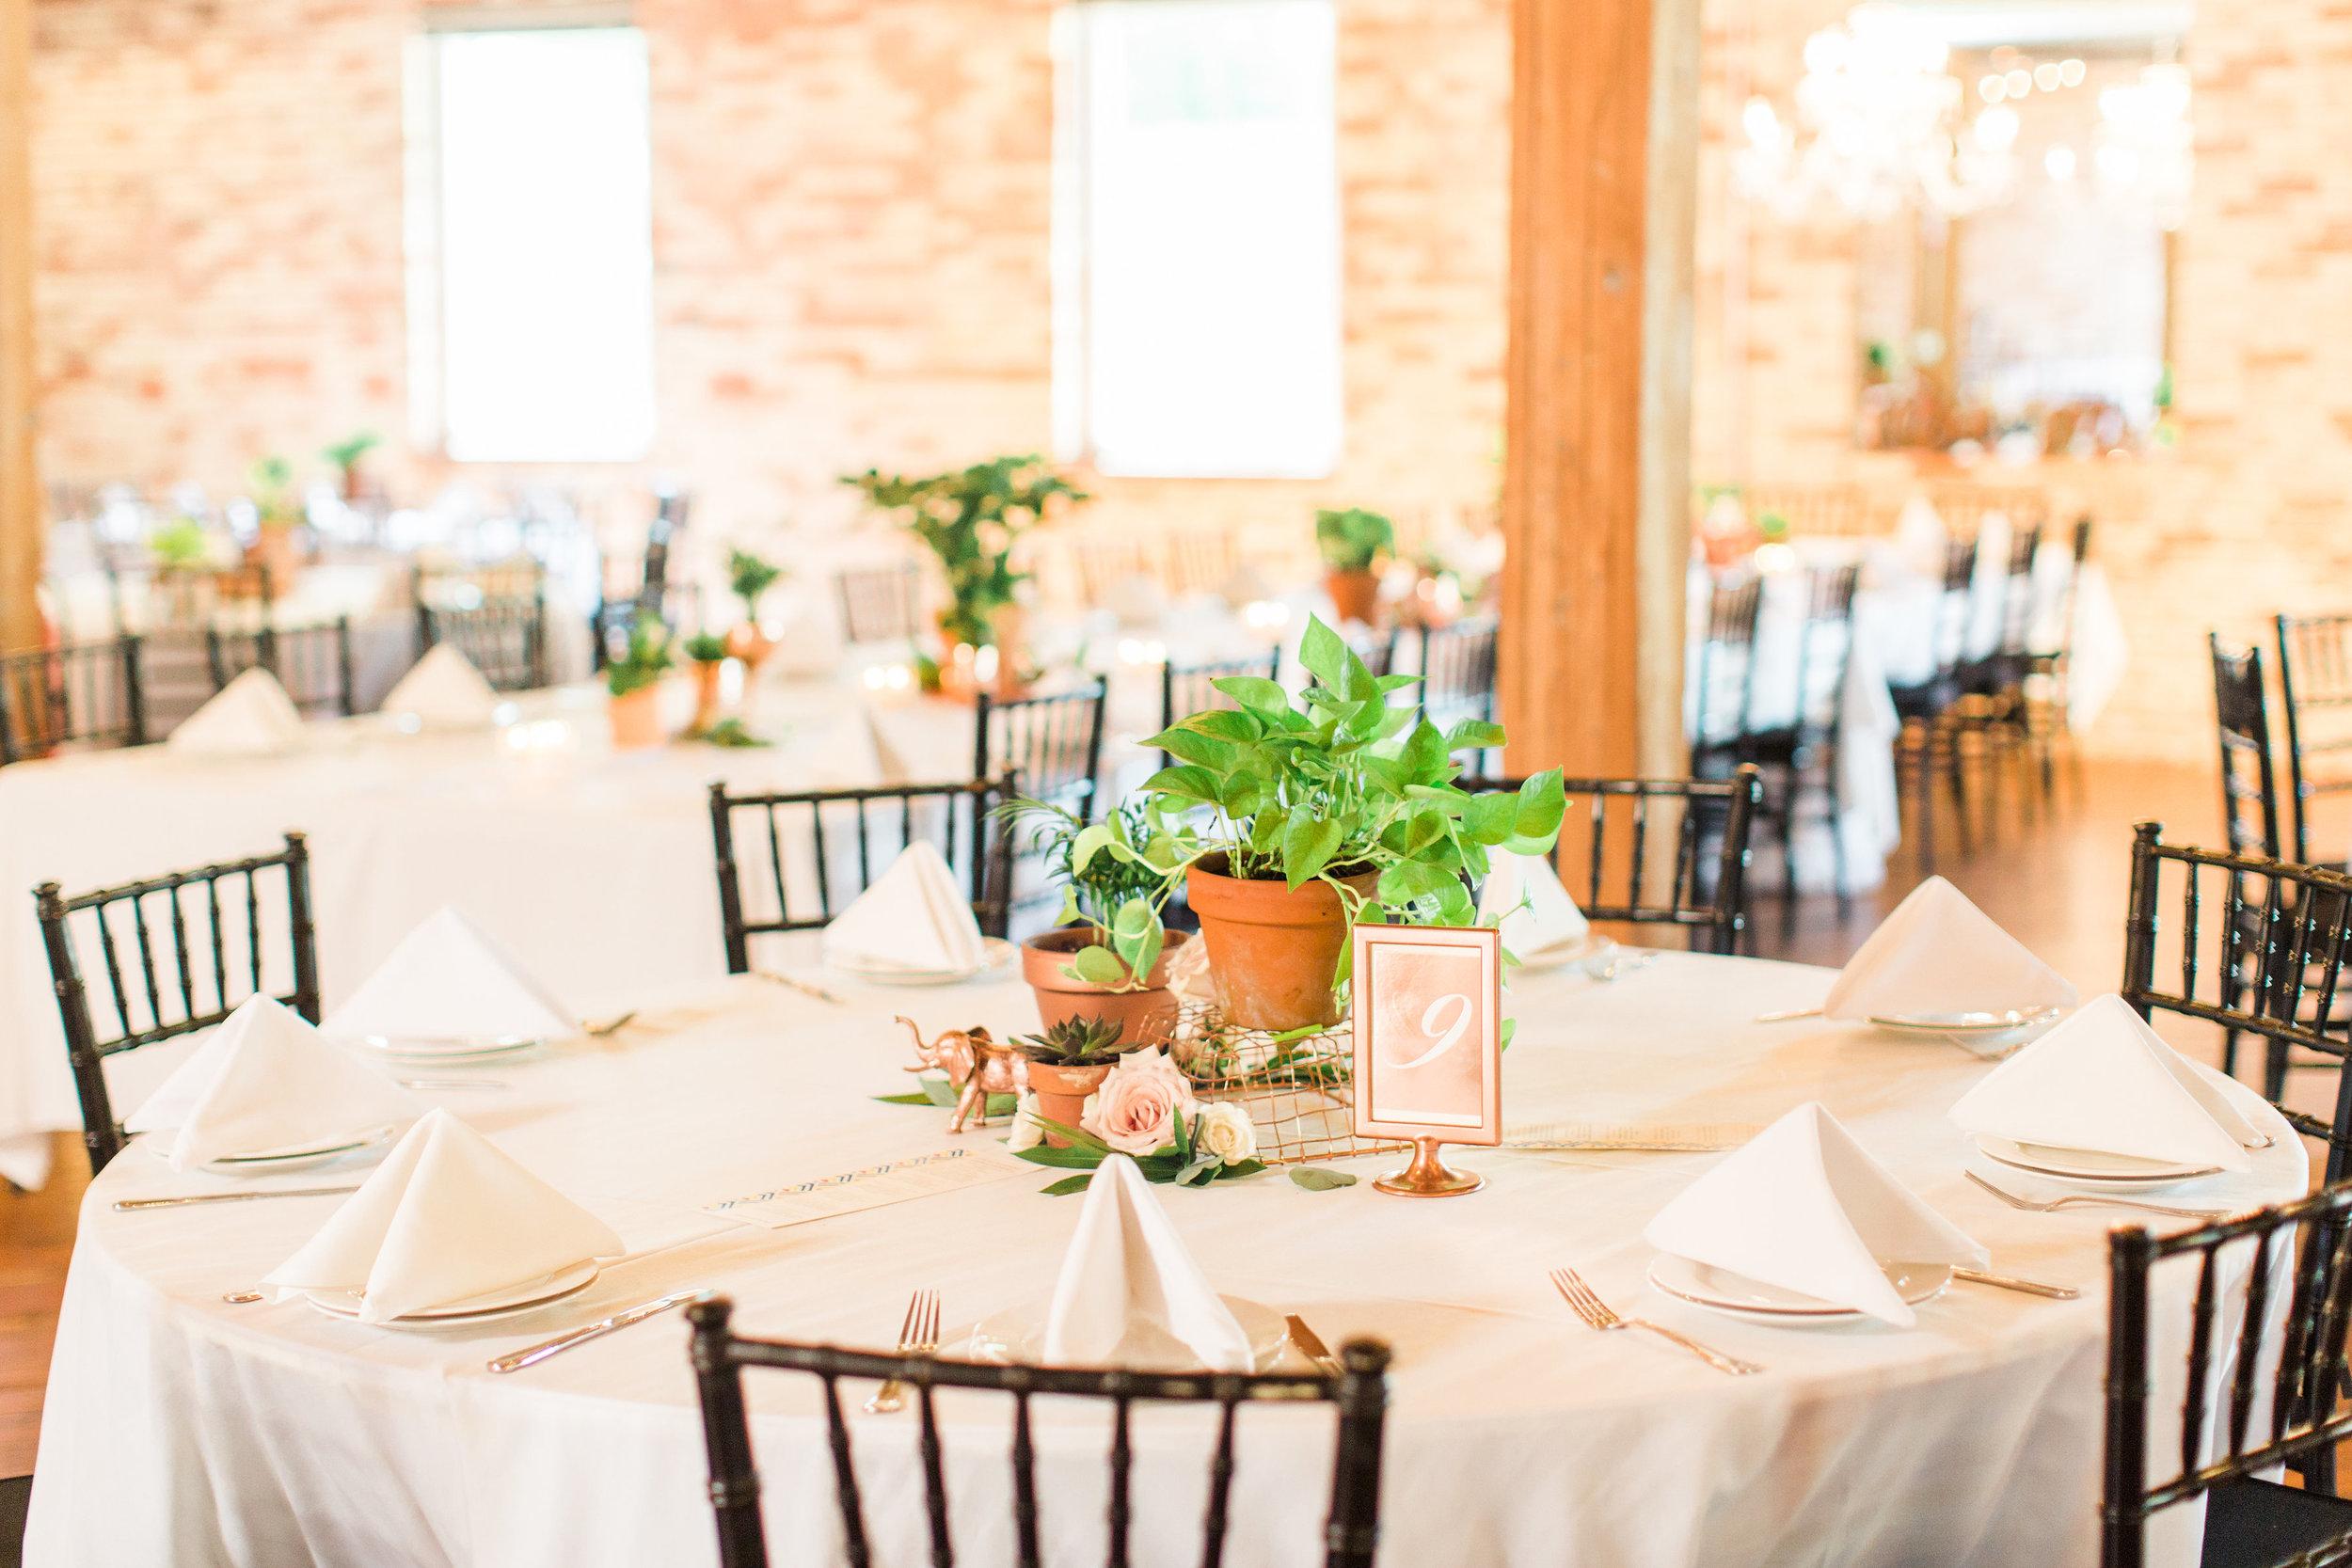 Julius+Wedding+Reception+Details-48.jpg